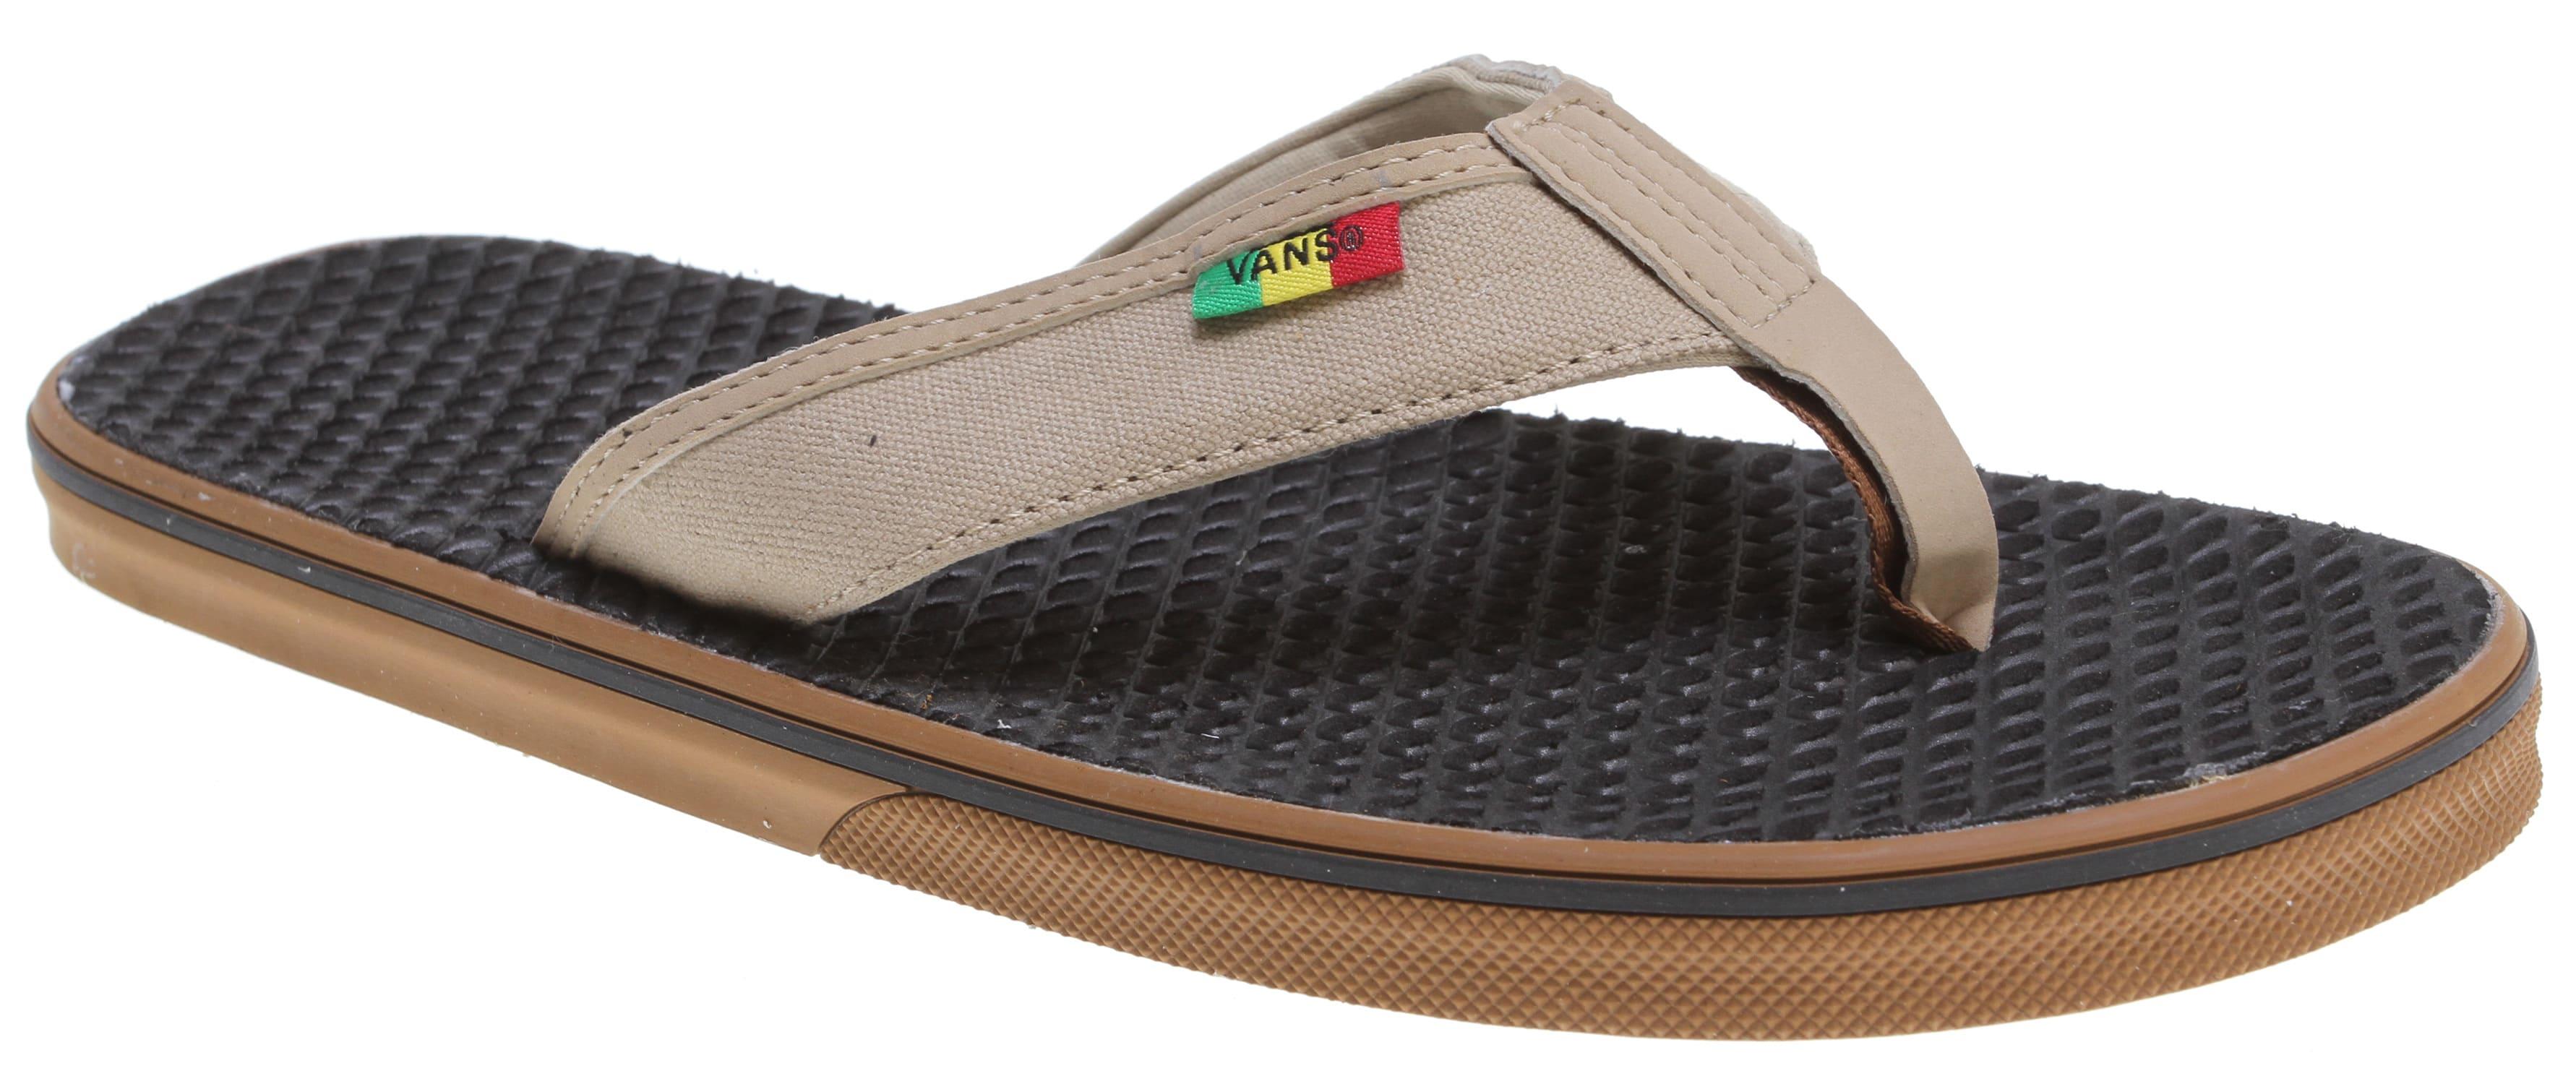 Vans La Costa Sandals - thumbnail 2 ce34b0e3a